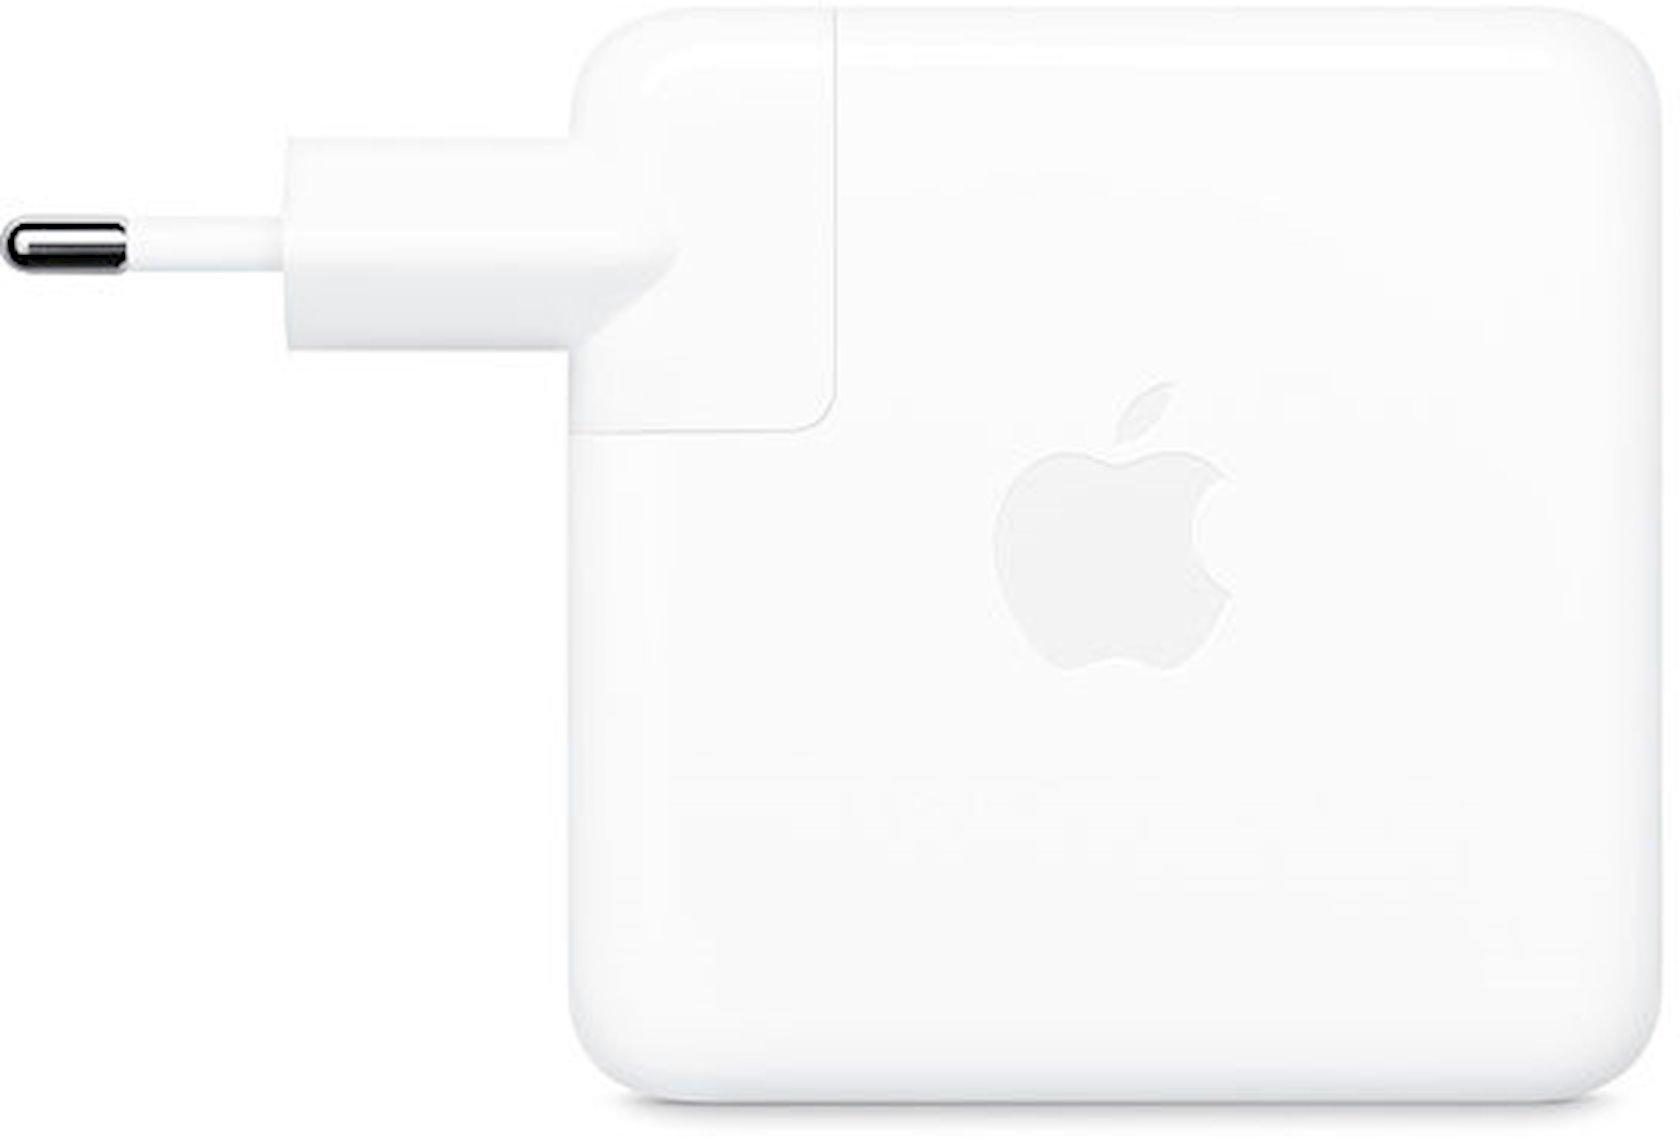 Qidalanma adapteri Apple USB-C, 61 Vt